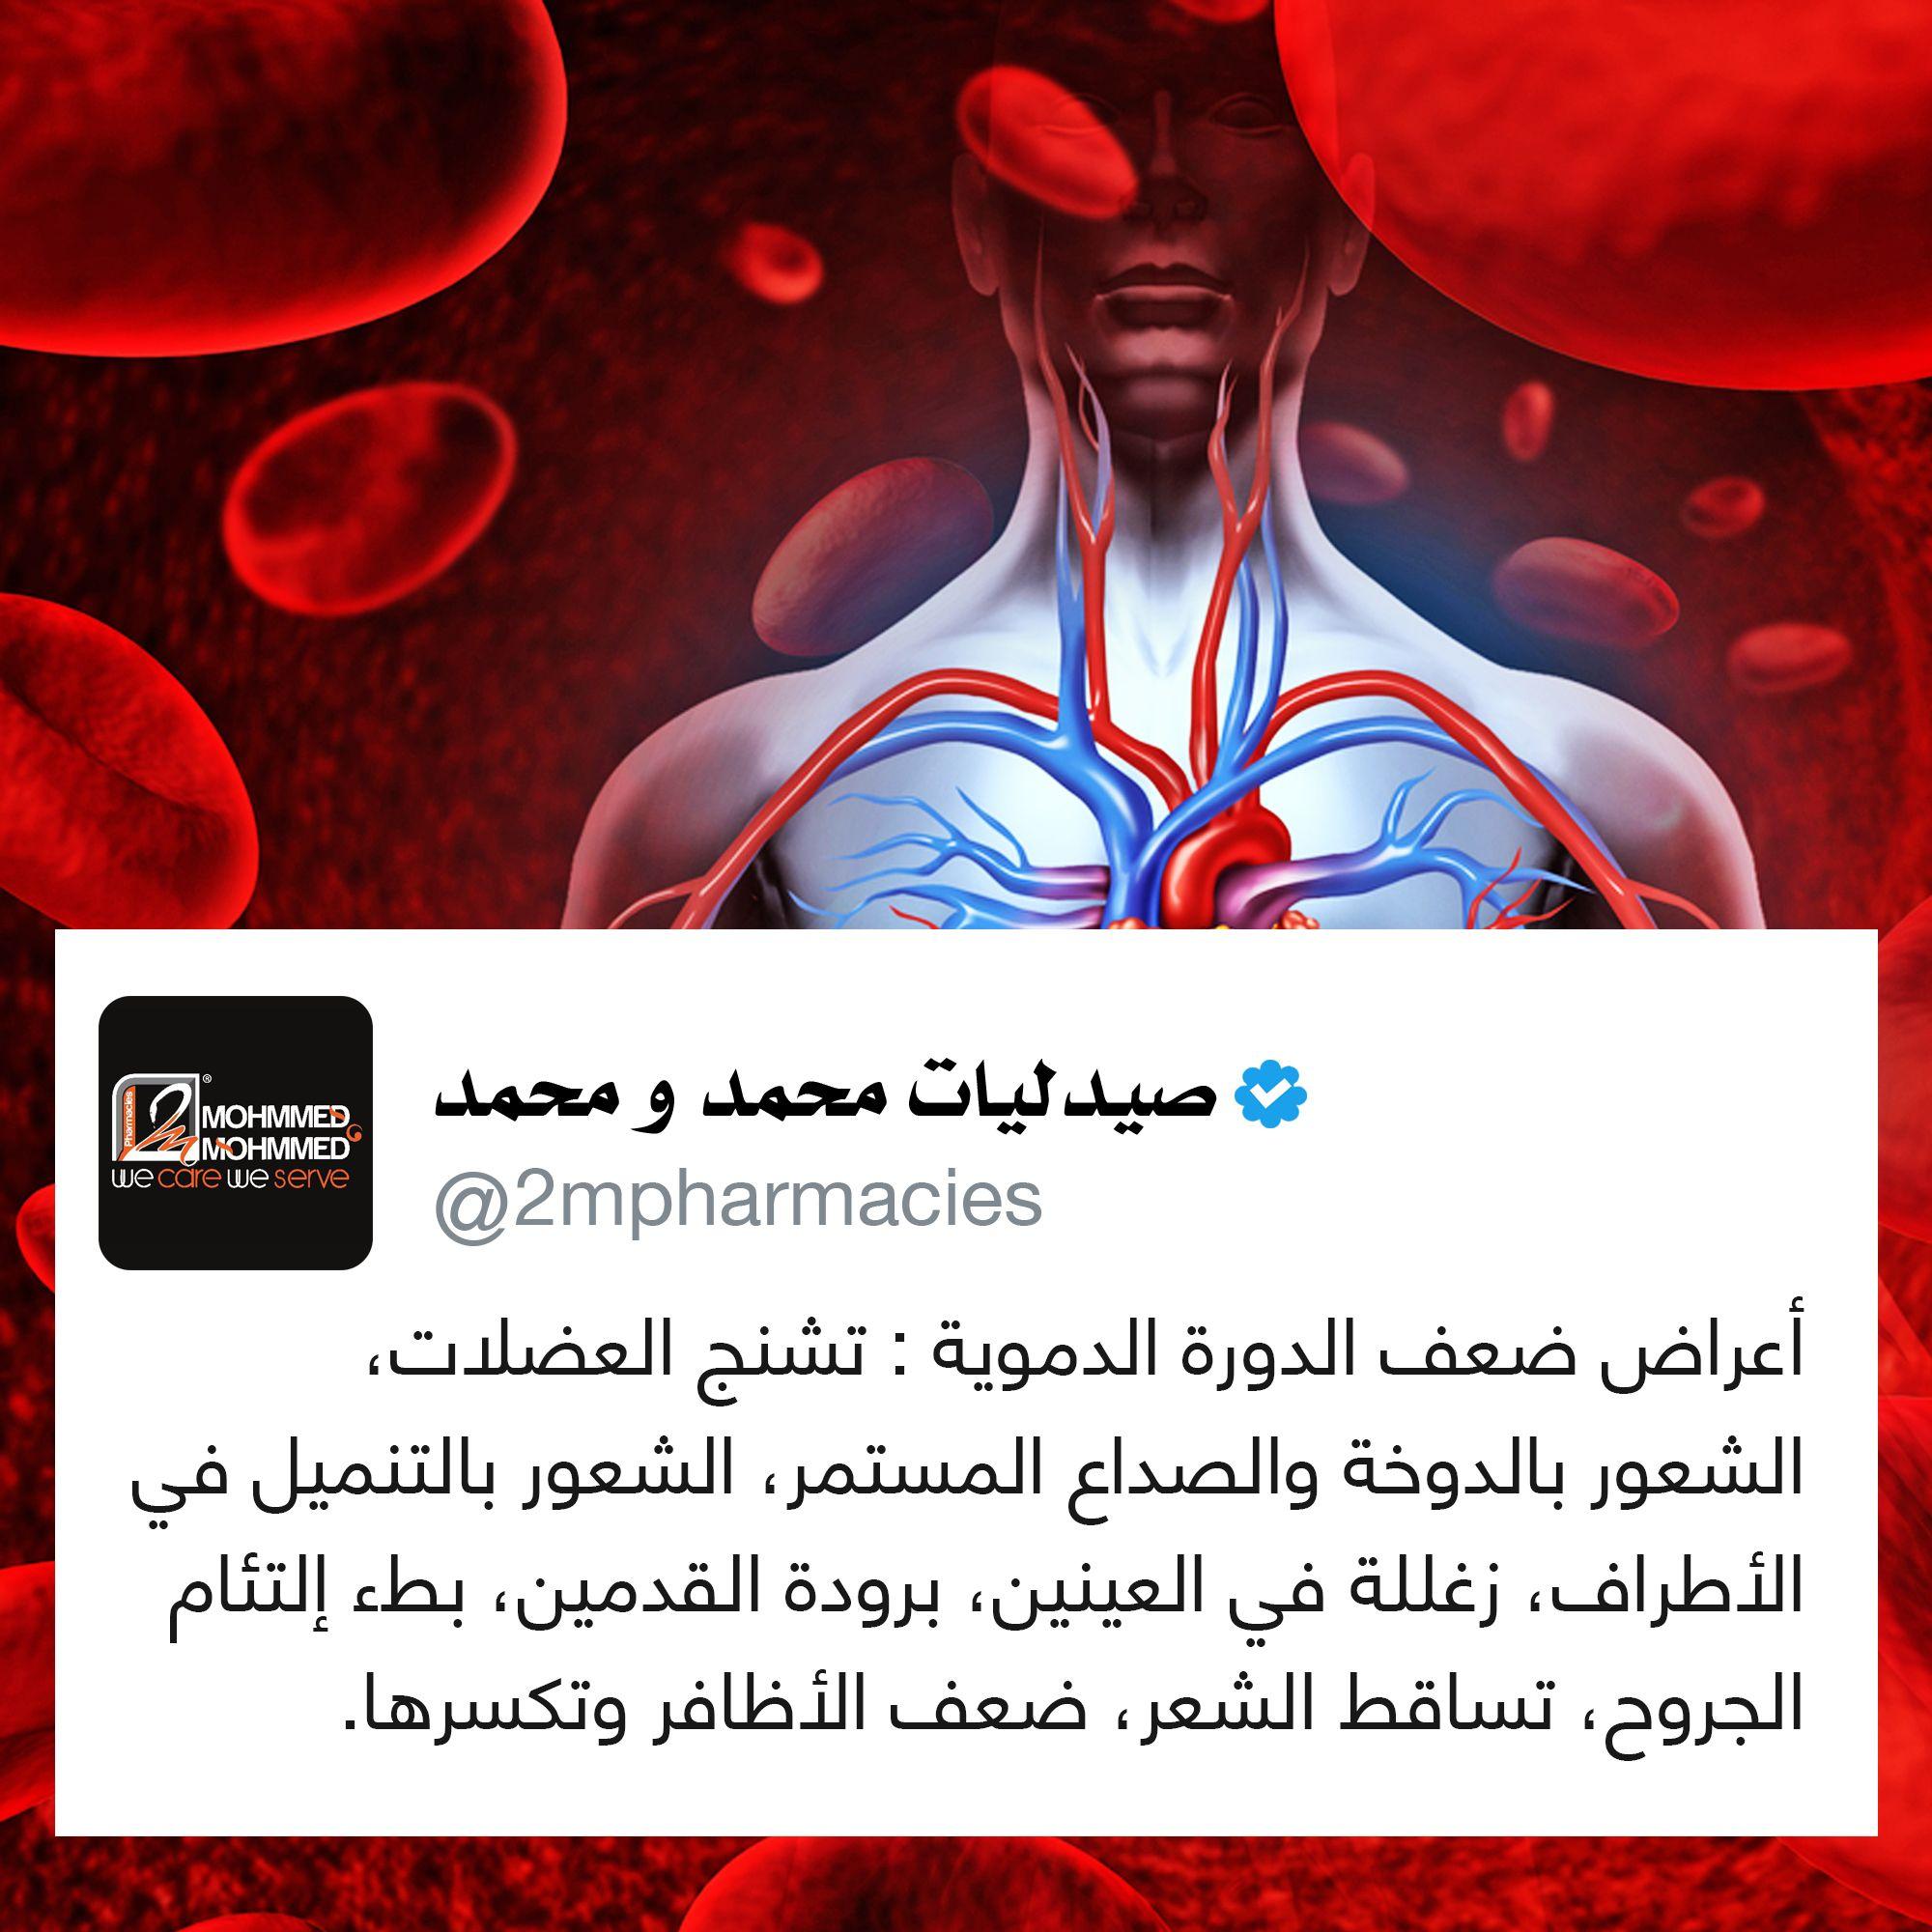 أعراض ضعف الدورة الدموية تشنج العضلات الشعور بالدوخة والصداع المستمر الشعور بالتنميل في الأطراف زغللة في العينين بر Medical Technology Medical Technology